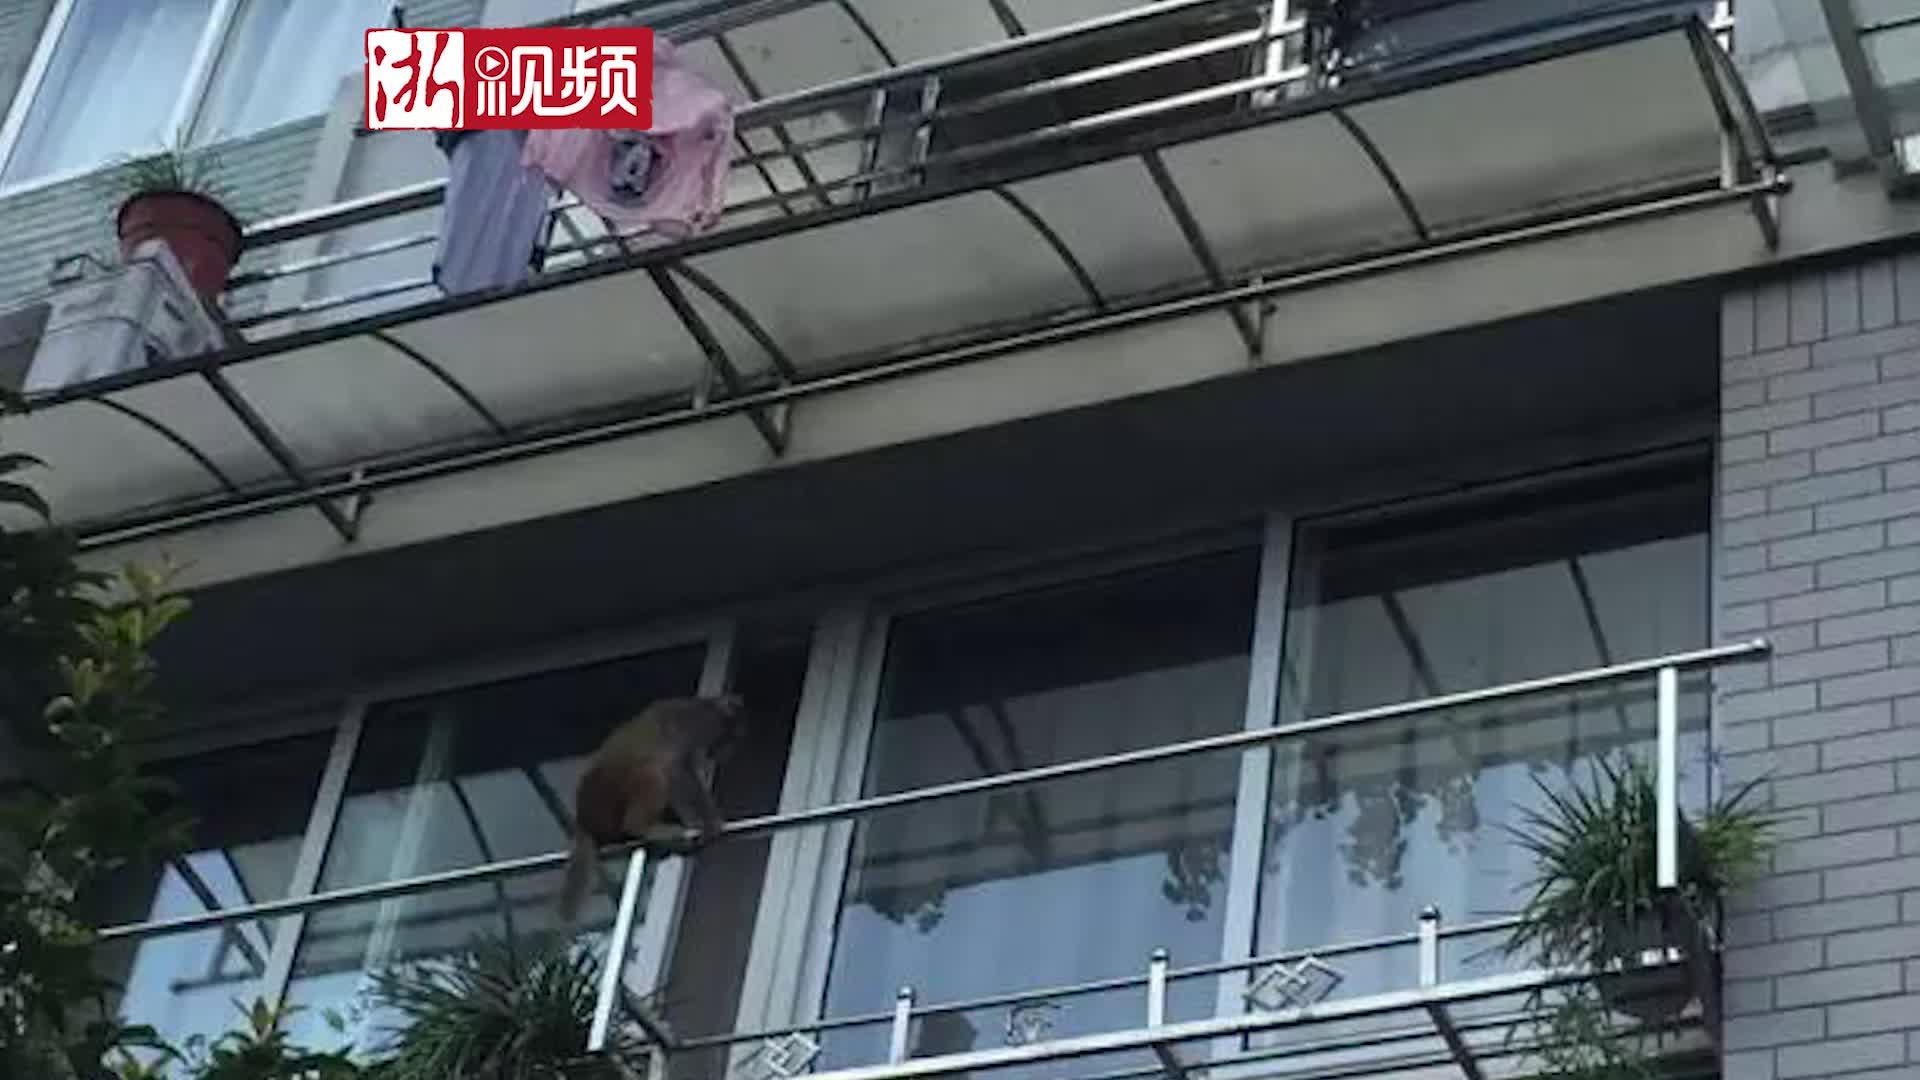 一天换一个地方 杭州萧山这只泼猴终于抓住了!